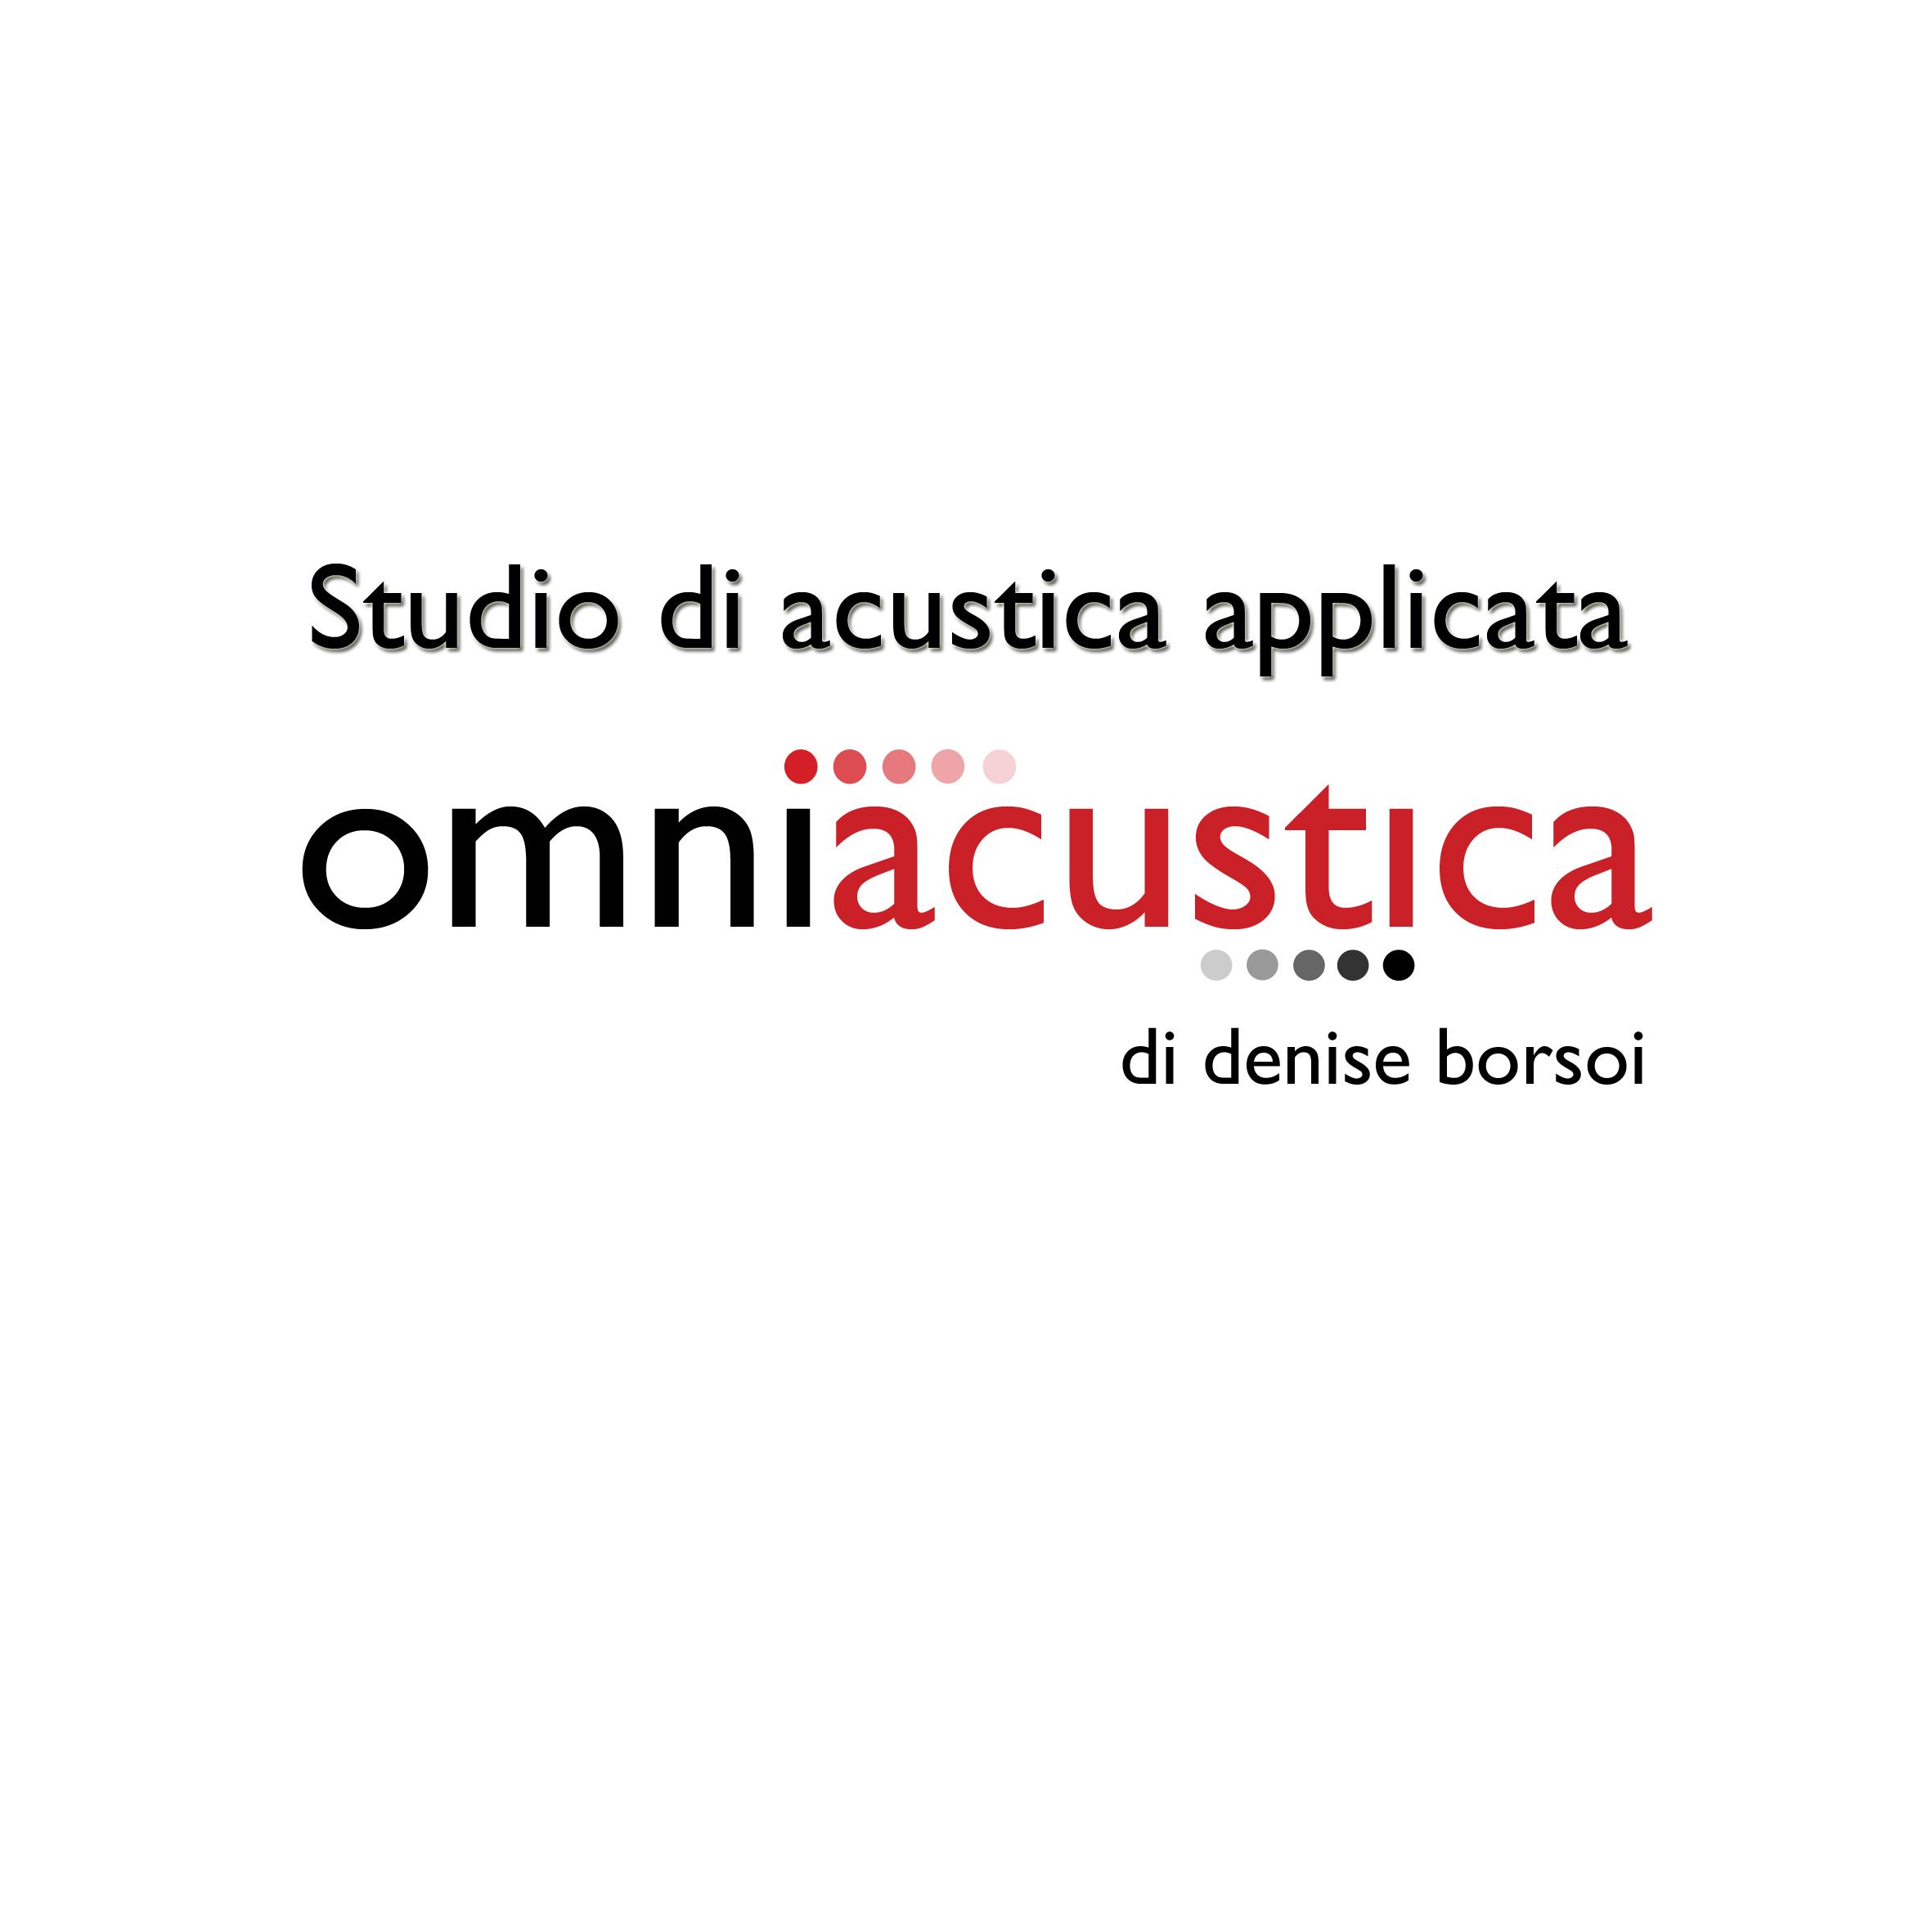 Omniacustica Di Denise Borsoi